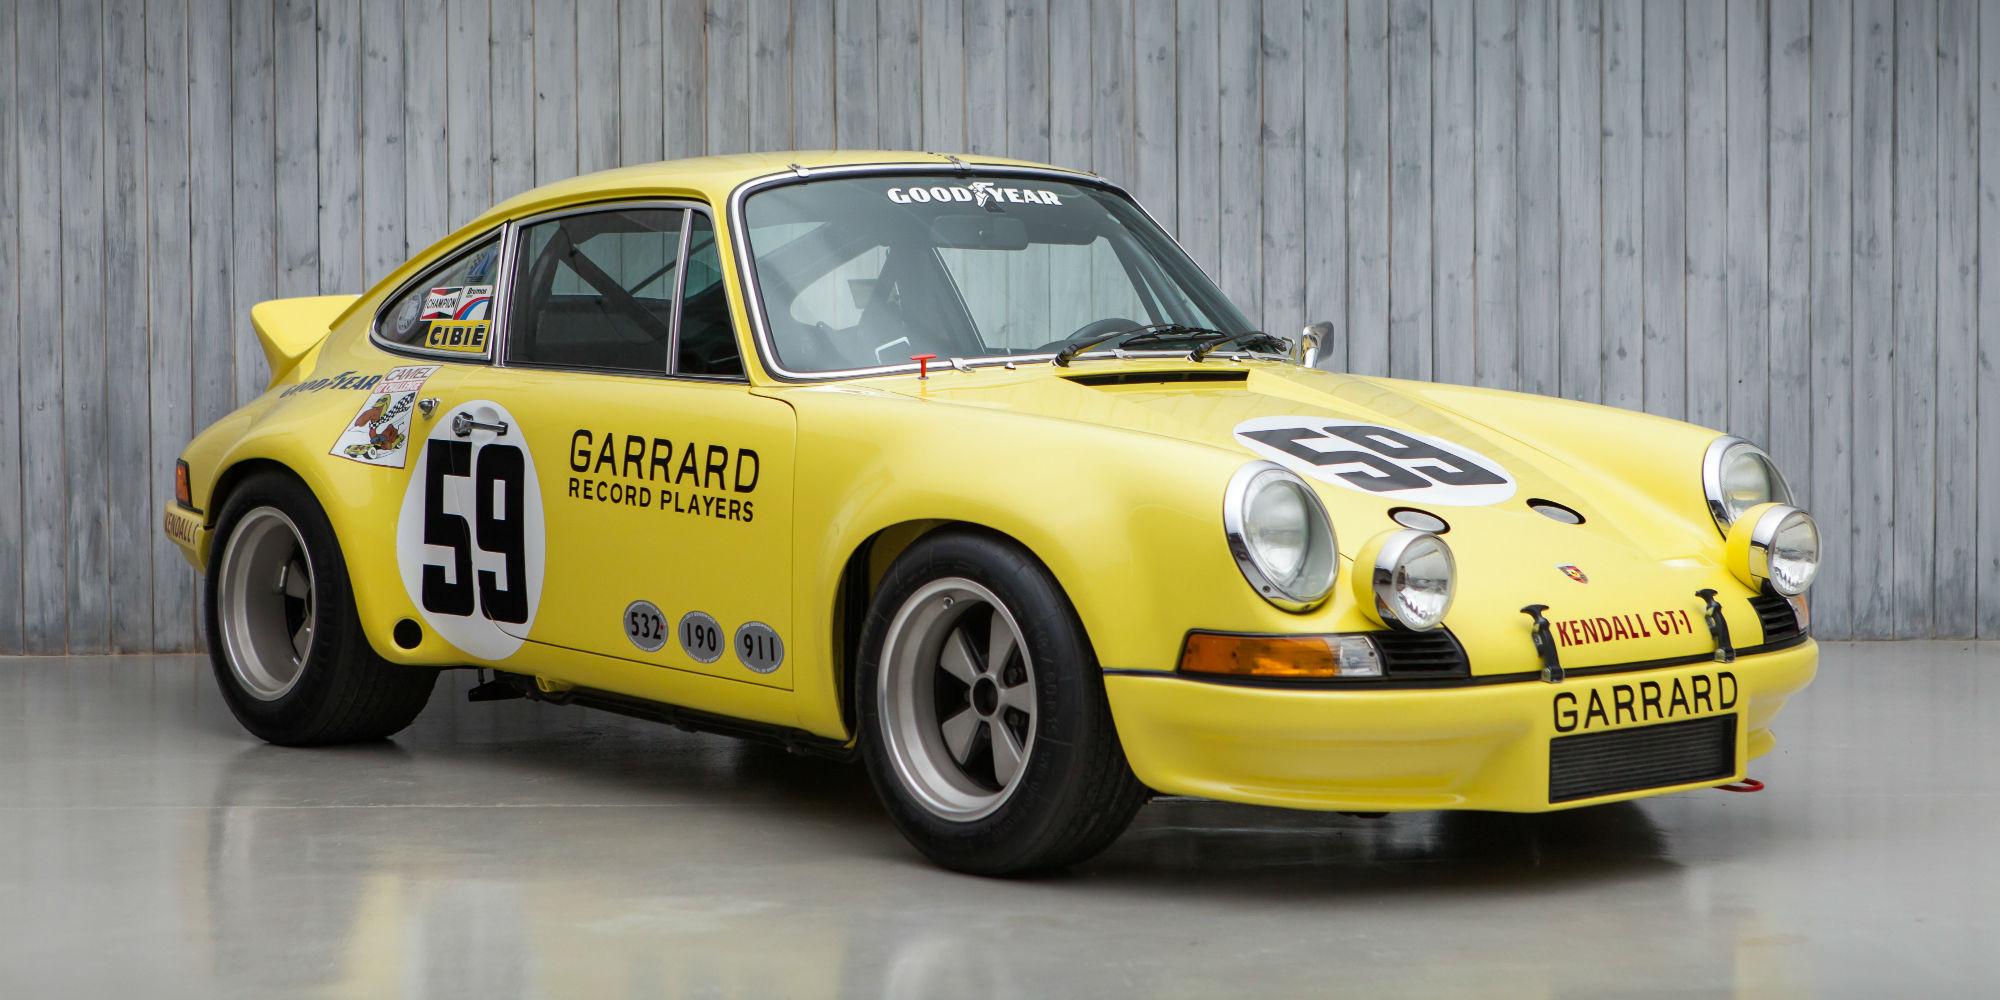 The Ex – Peter Gregg, Hurley Haywood, David Helmick 1973 Sebring 12 Hour Winning Porsche 911 2.8 RSR